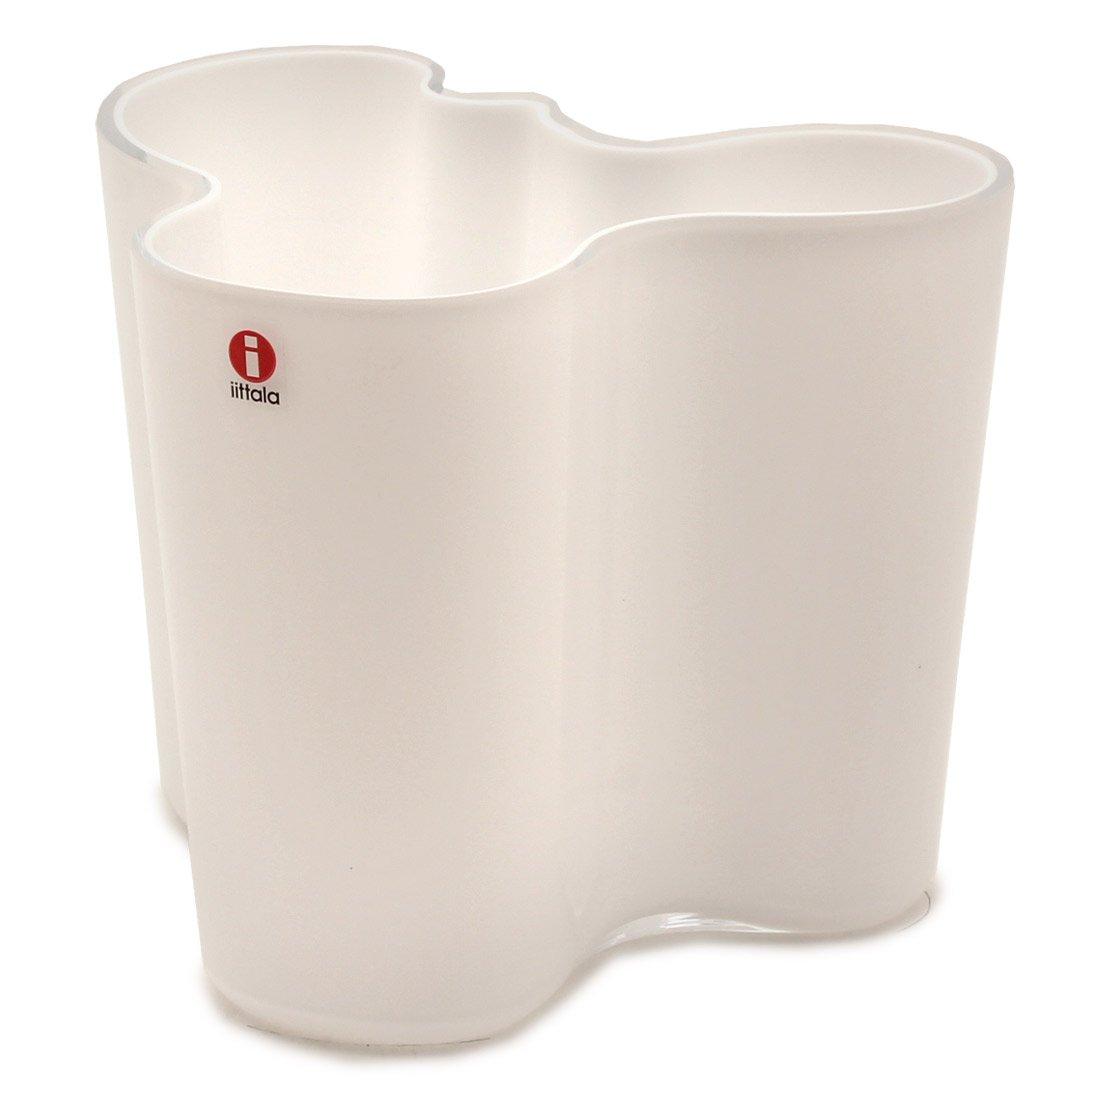 (イッタラ)IITTALA アルヴァアアルト フラワーベース 120mm 花瓶 06.ホワイト [並行輸入品] B01HGB1J0K フリー|06.ホワイト 06.ホワイト フリー